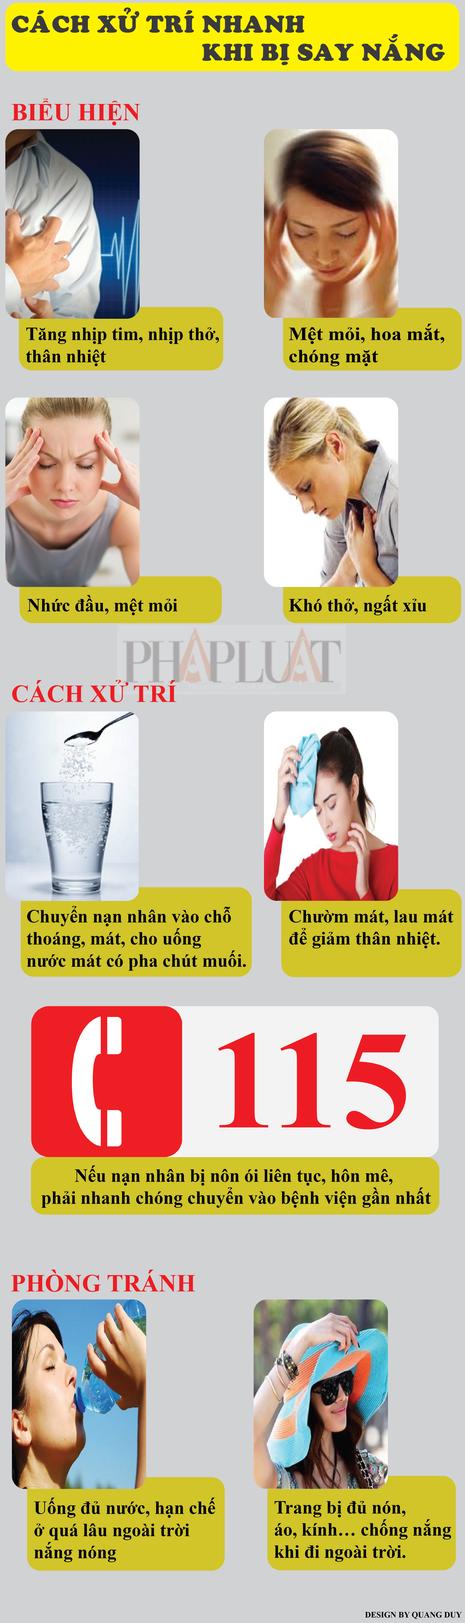 Infographic: Cách xử trí nhanh khi bị say nắng - ảnh 1